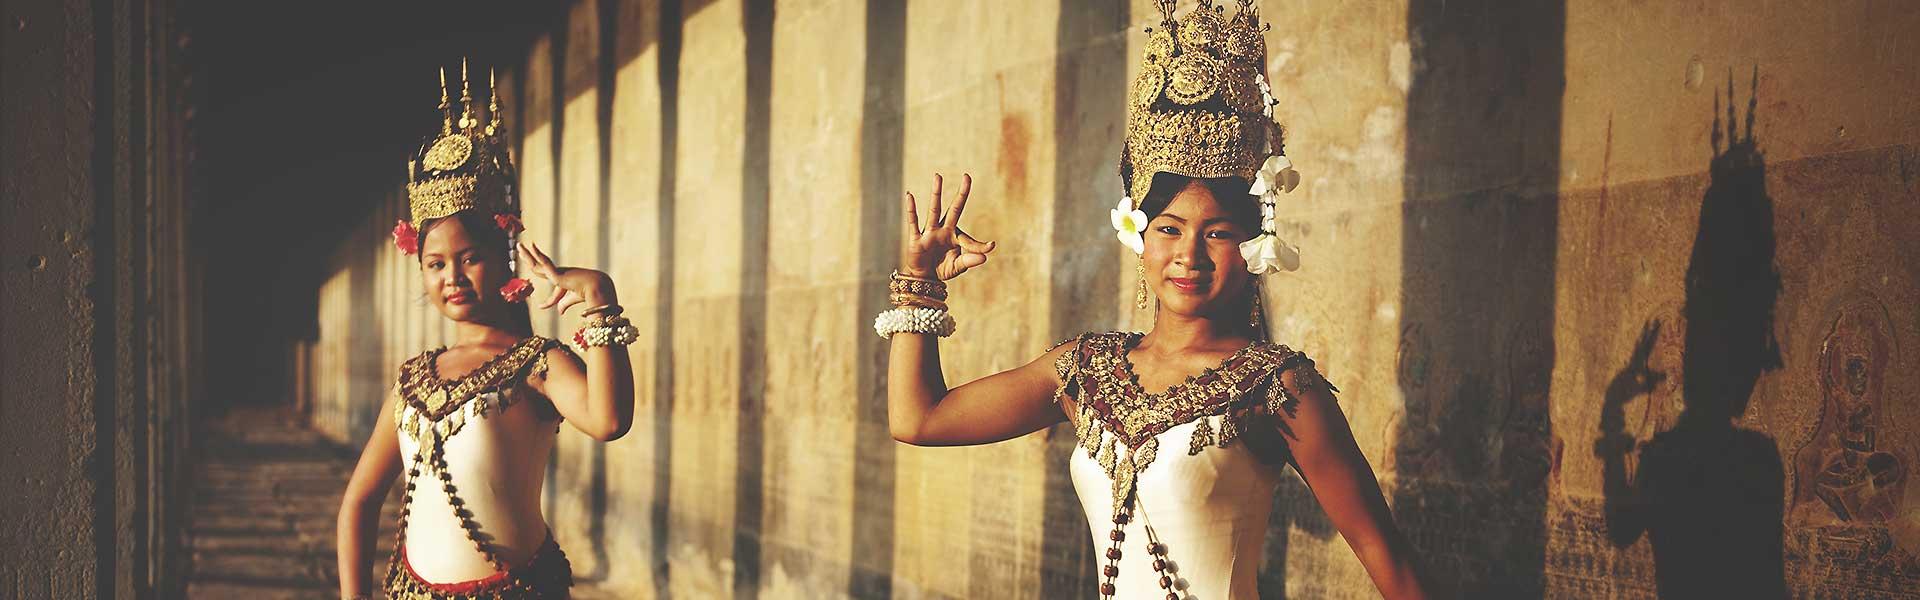 Kambodscha Reiseführer